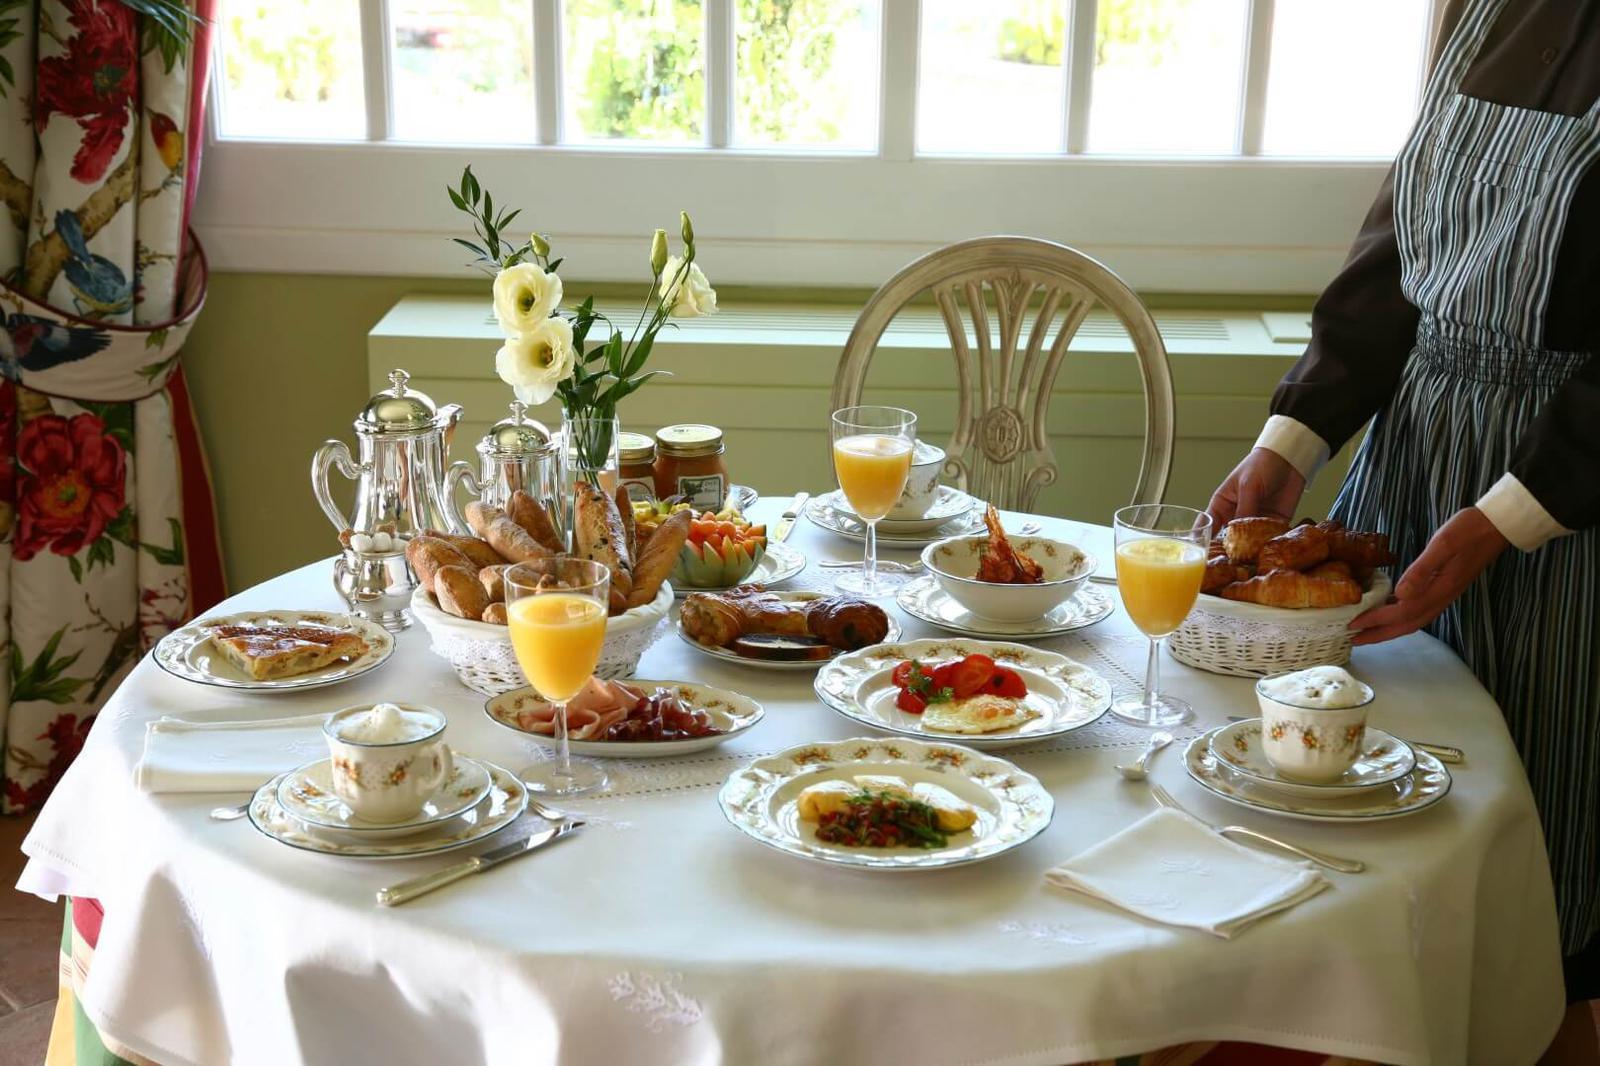 Los mejores desayunos de hotel de espa a - Mesas de desayuno ...